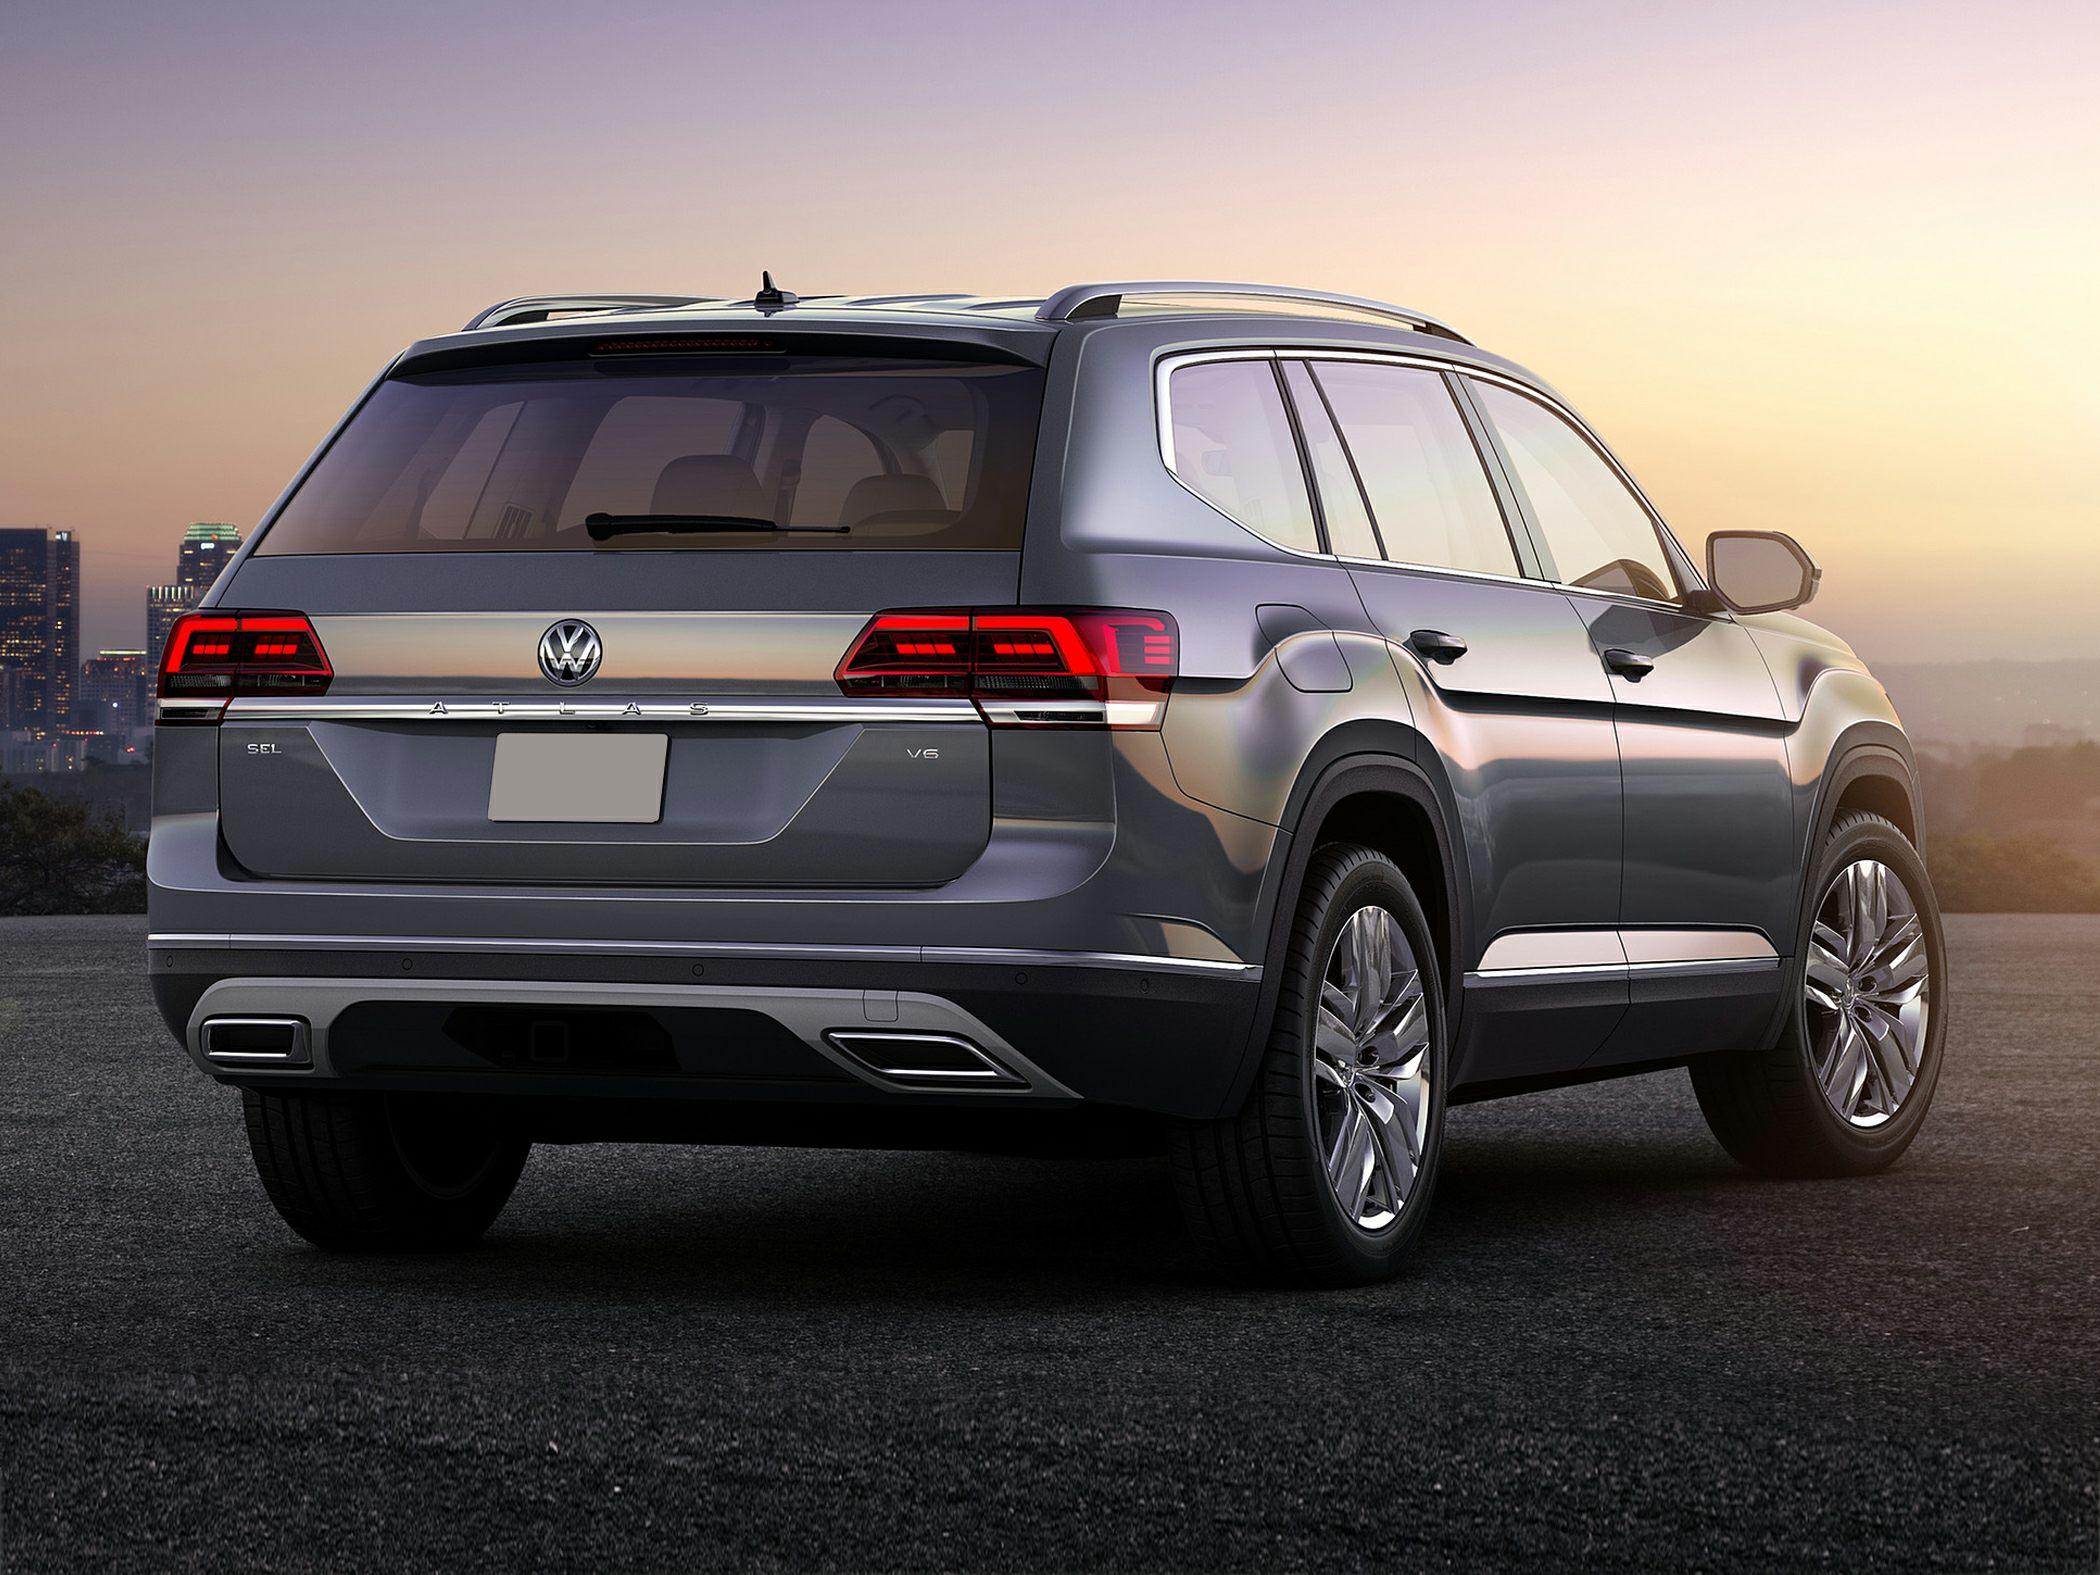 2019 Volkswagen Atlas: Preview, Pricing, Release Date